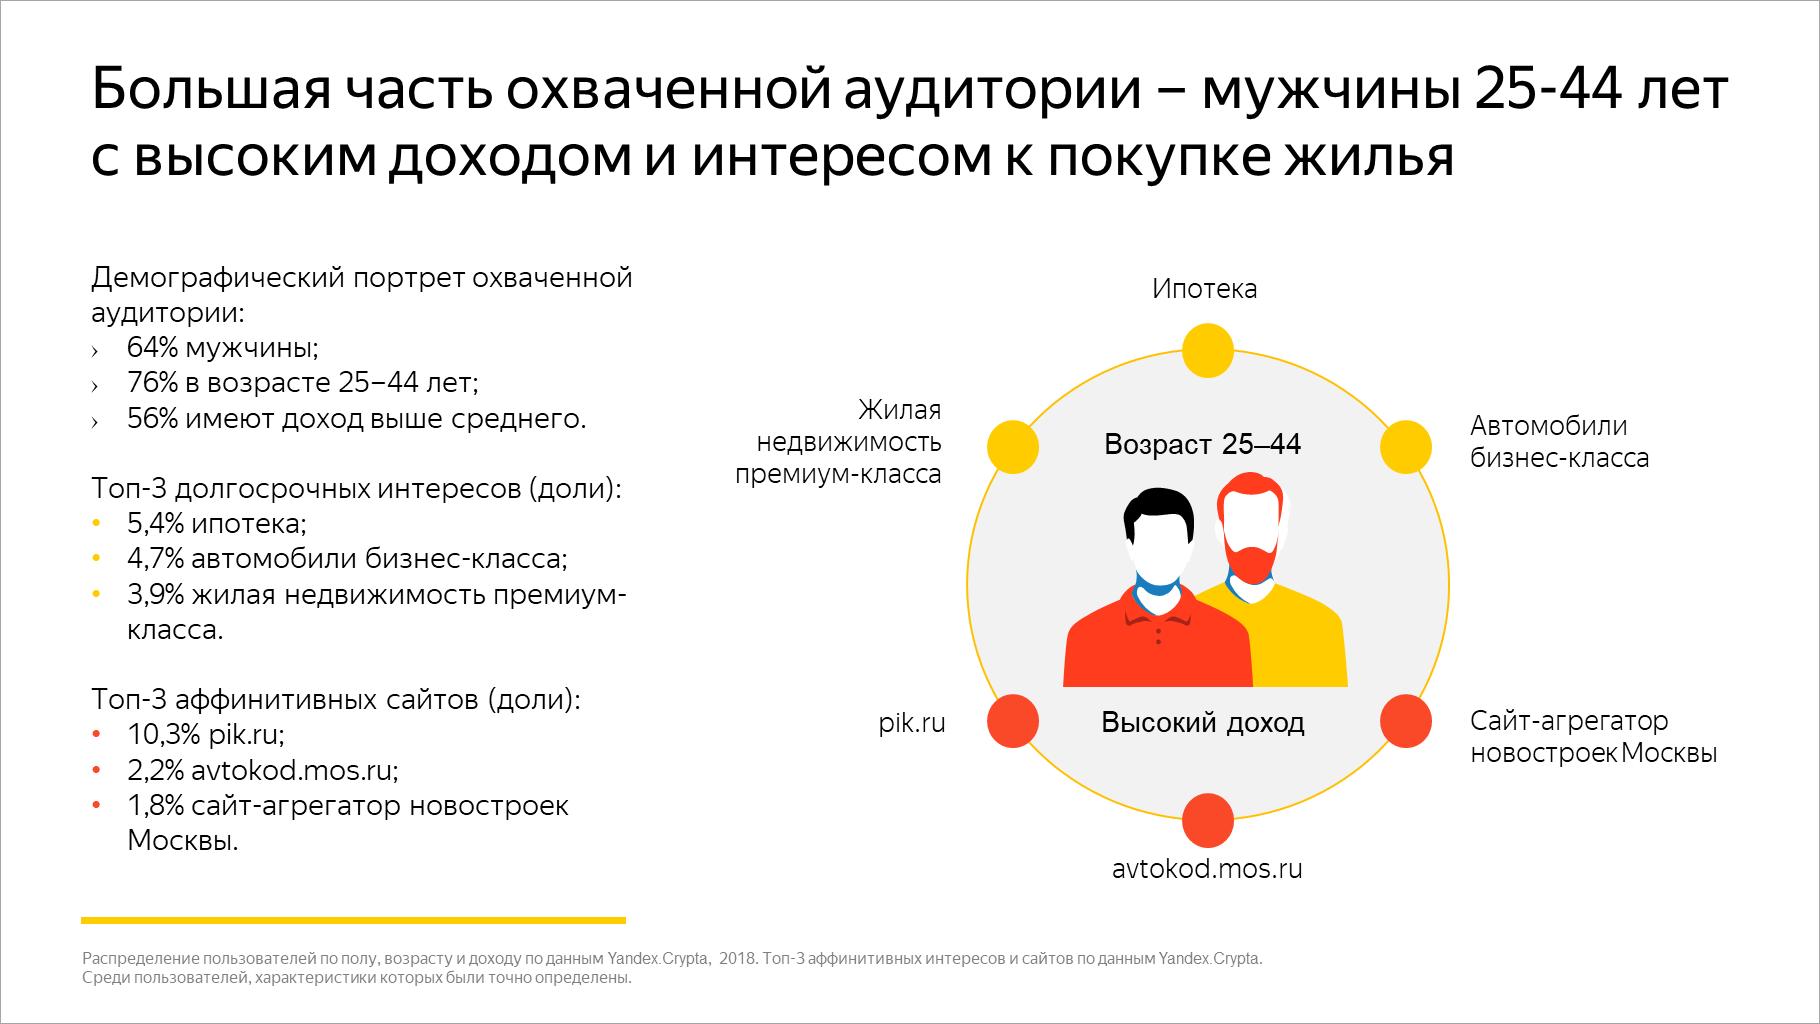 Большая часть охваченной аудитории – мужчины 25-44 лет с высоким доходом и интересом к покупке жилья